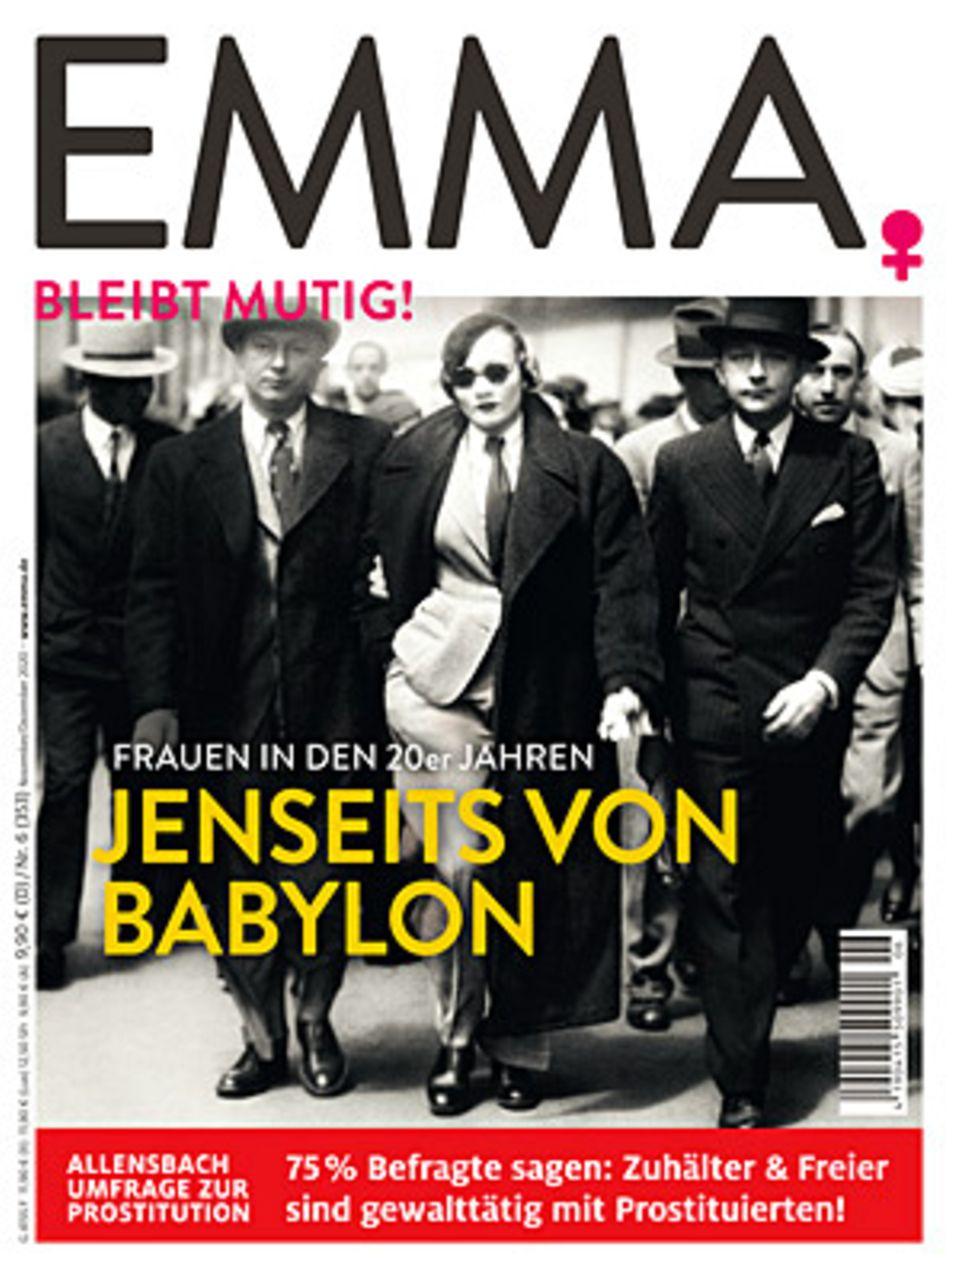 """Die ganze Studie und die Umfrageergebnisse zum Thema Prostitution finden Sie in der aktuellen Ausgabe der Zeitschrift """"Emma"""", die am29.10. erscheint."""